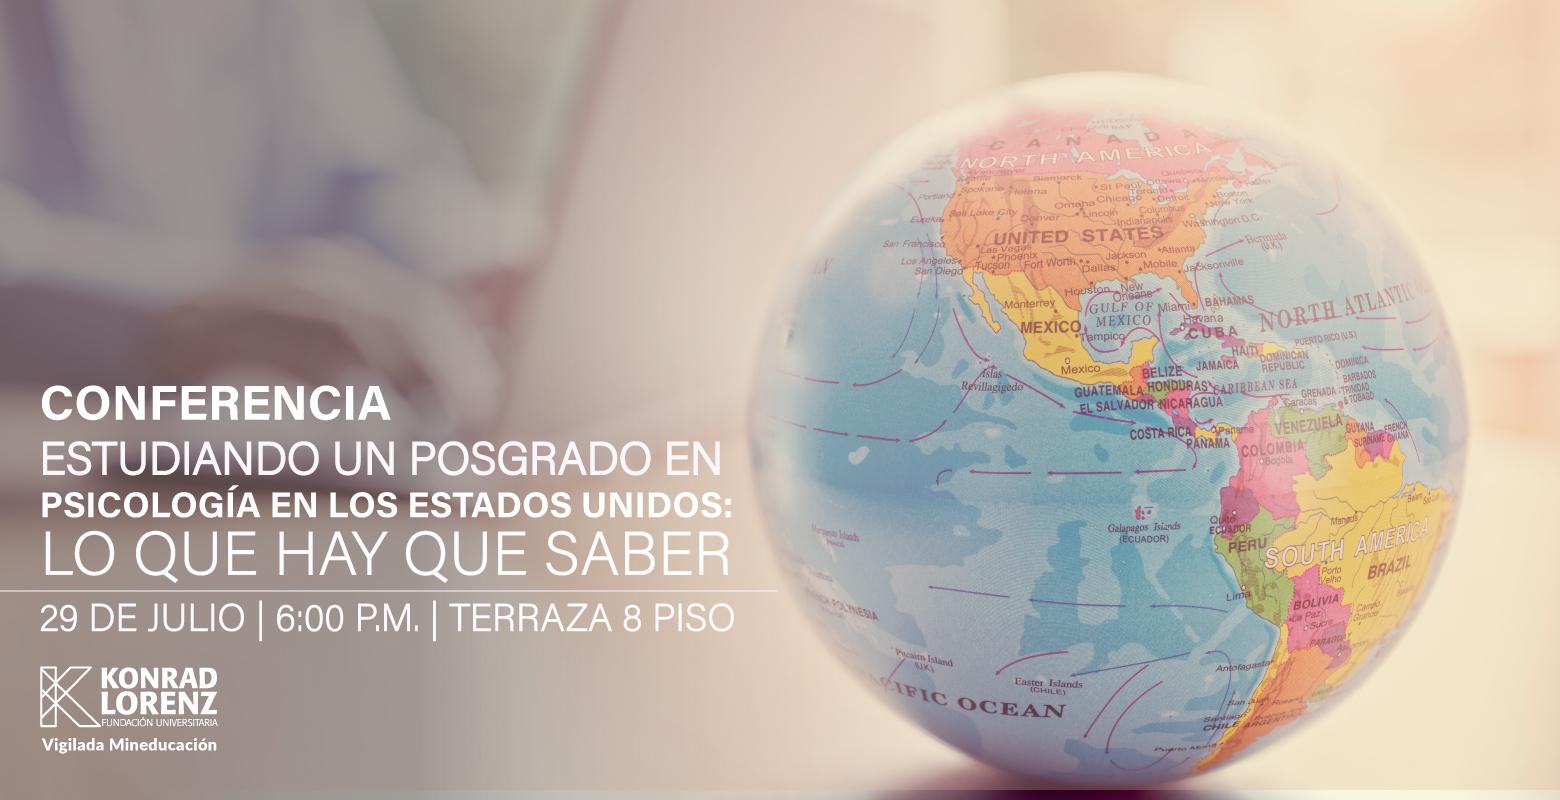 Estudiando un Postgrado en Psicología en los Estados Unidos: Lo que hay que saber